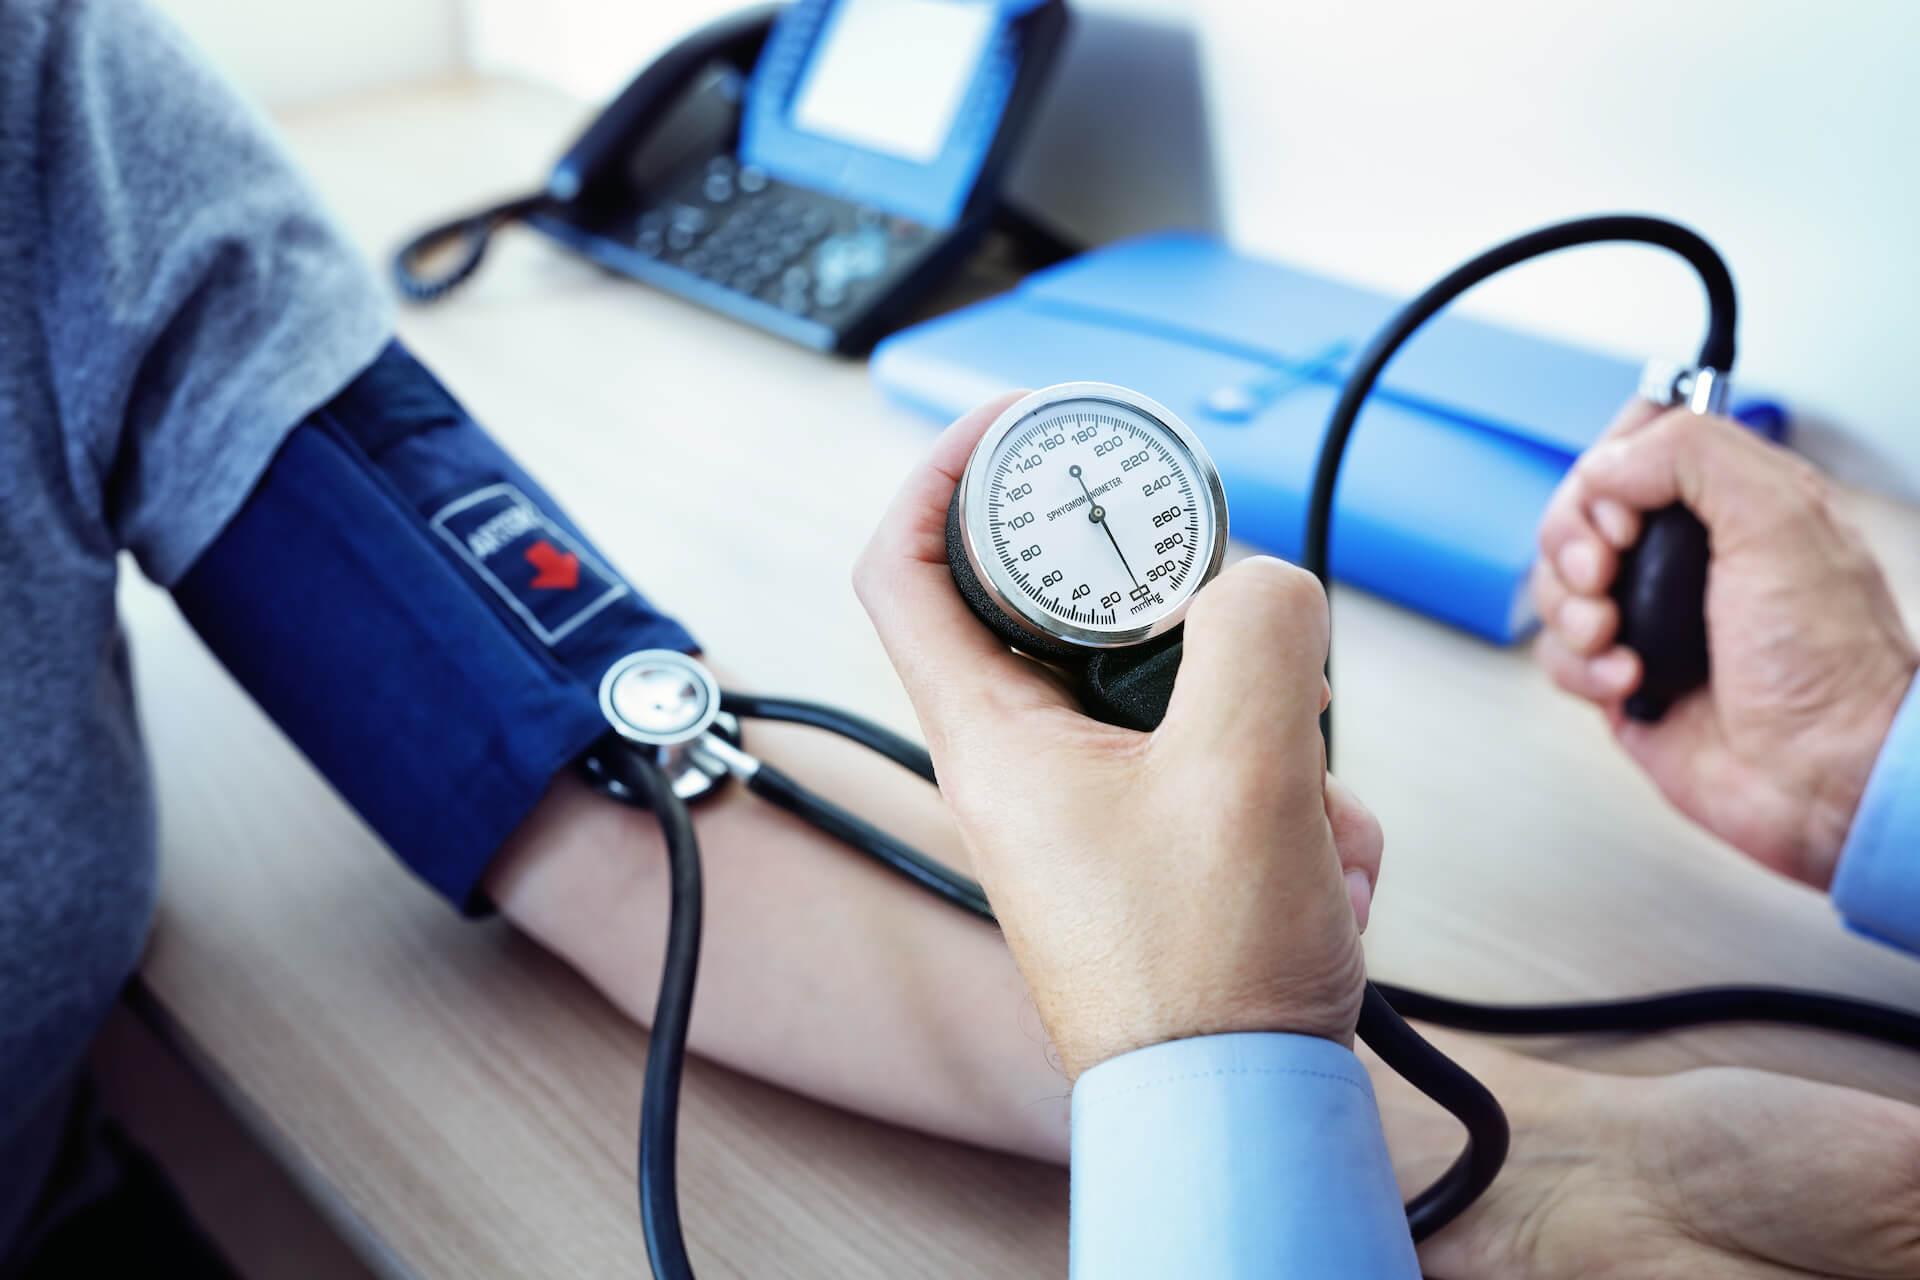 Mjerenje krvnog tlaka s tlakomjerom